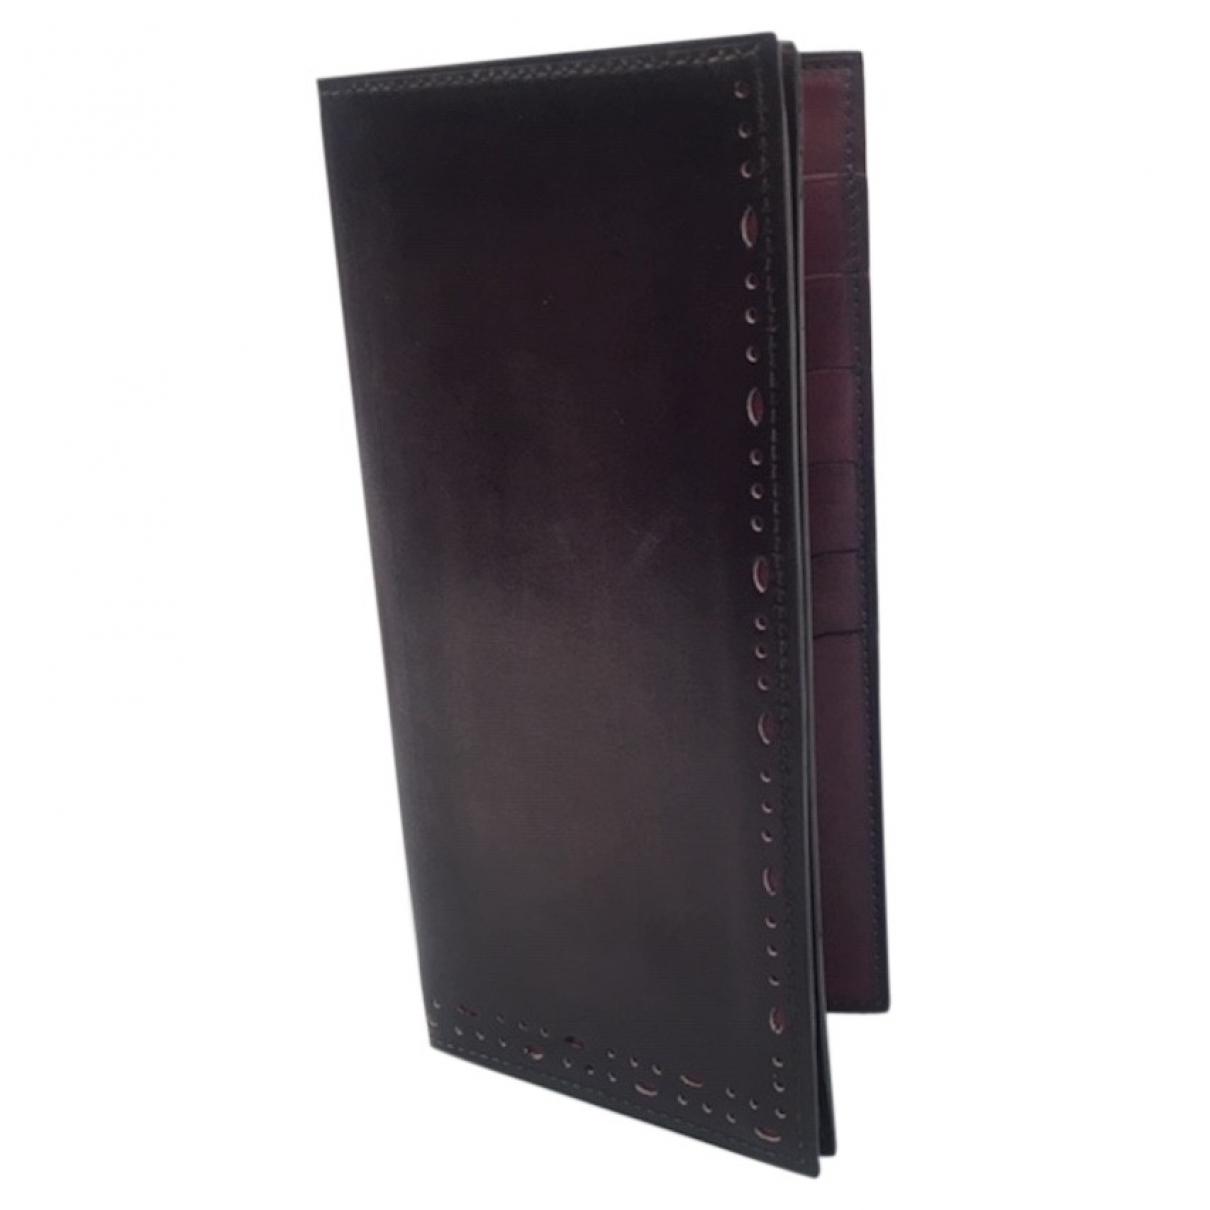 Berluti - Petite maroquinerie   pour homme en cuir - violet